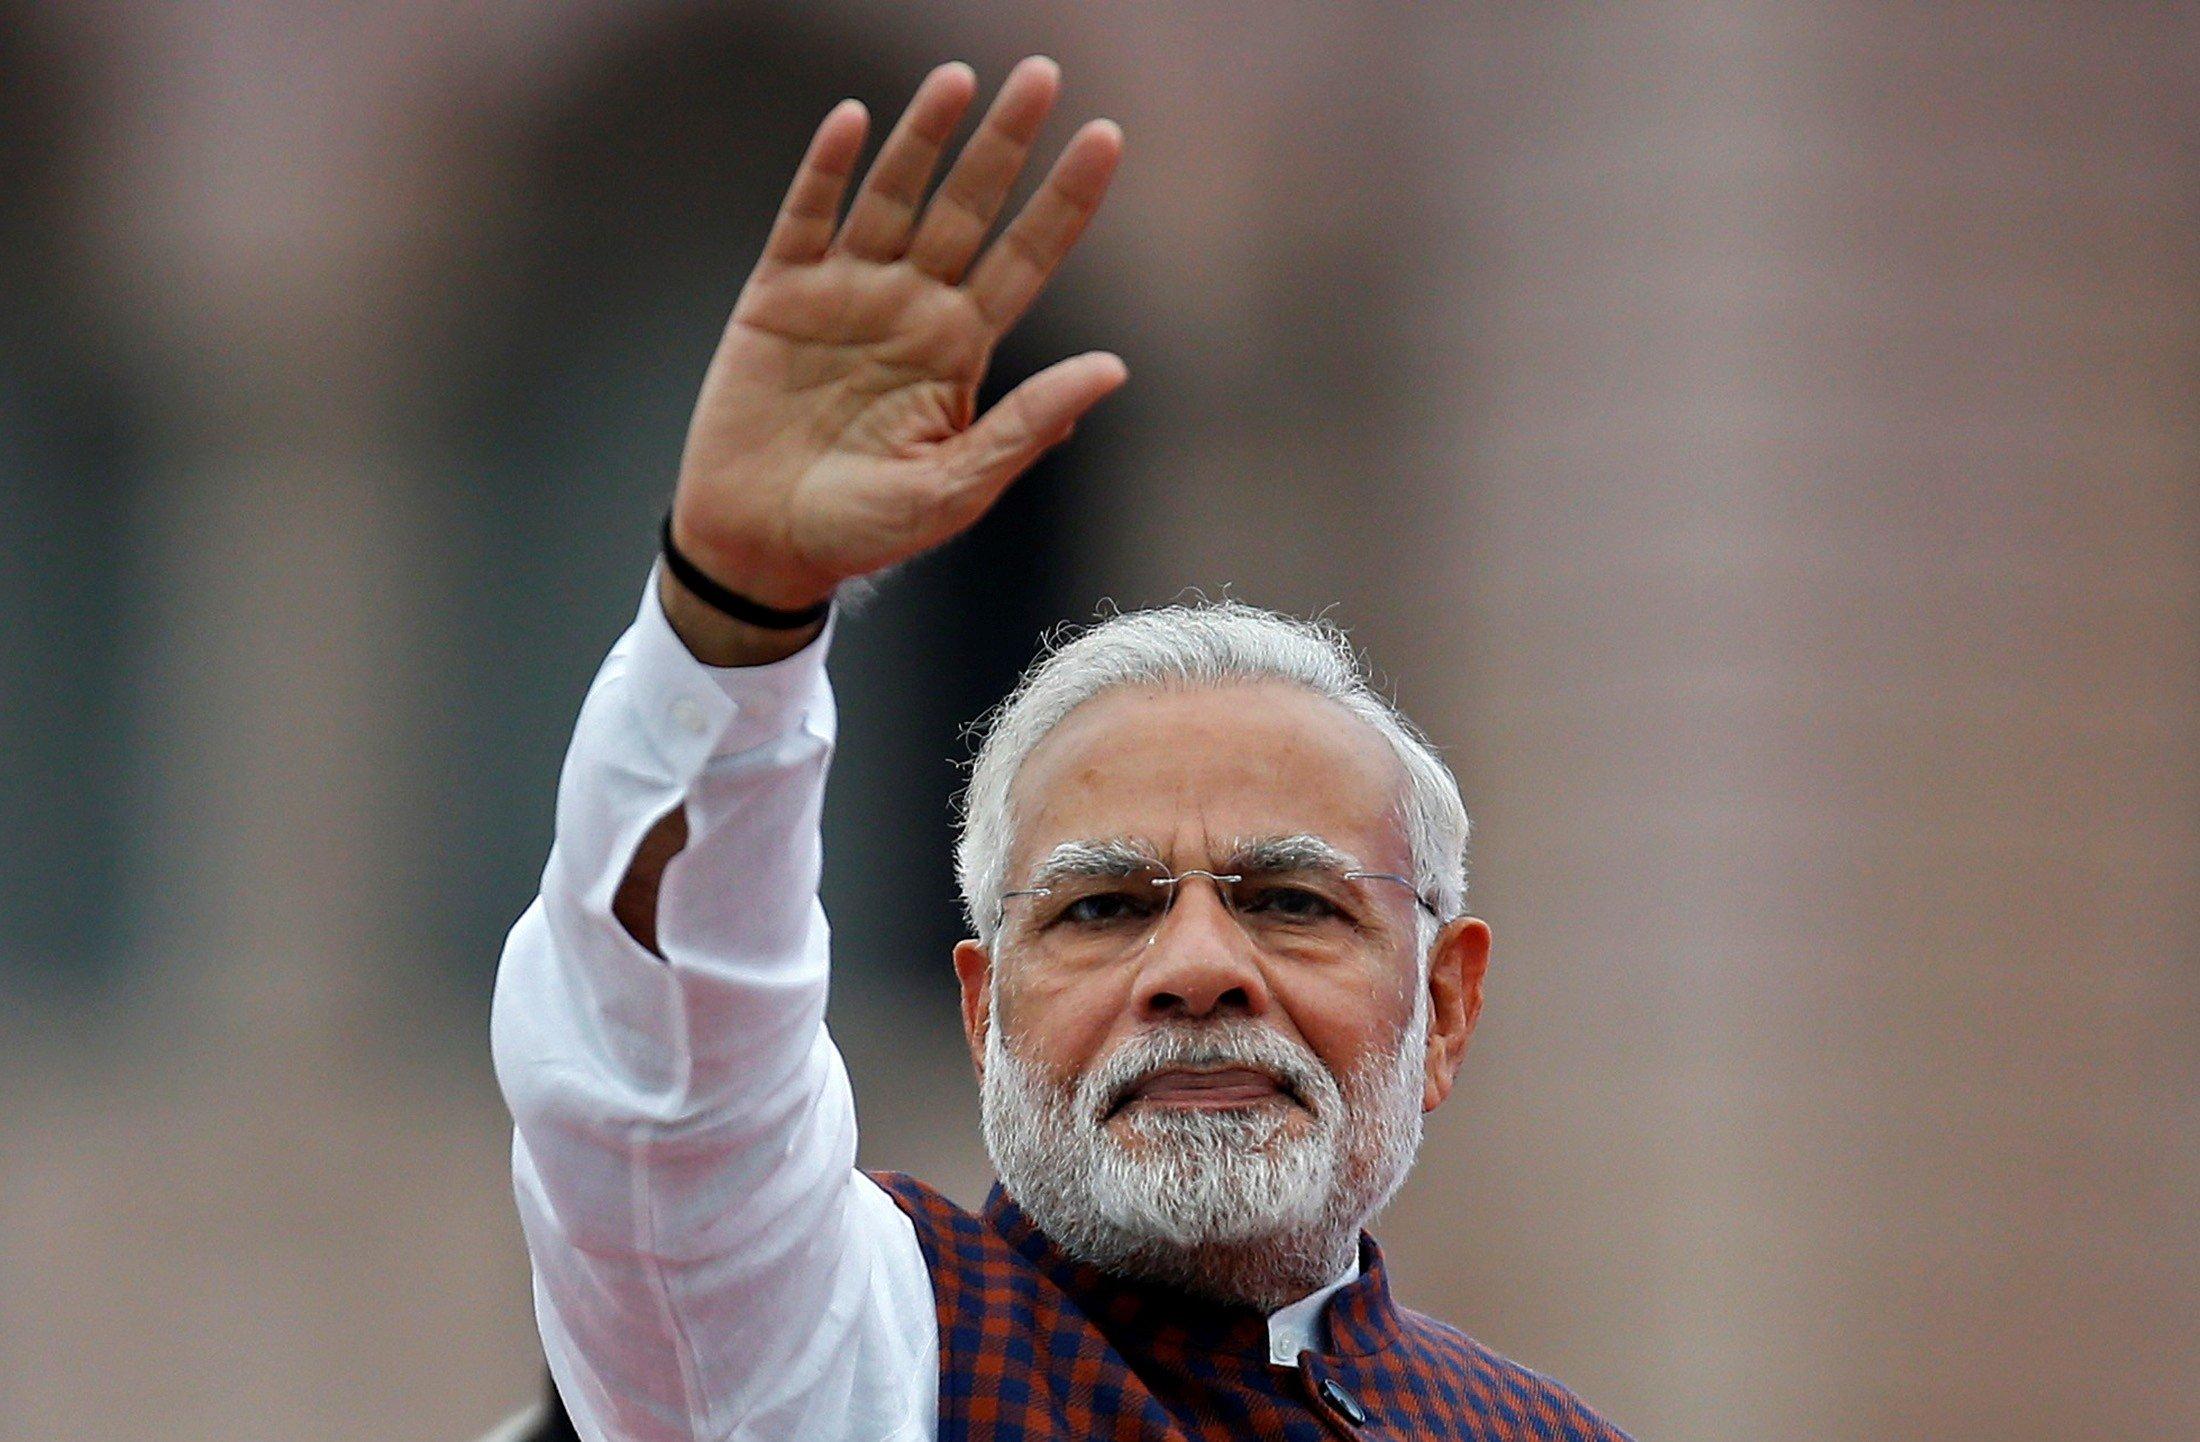 أسعار الغاز المسال - رئيس وزراء الهند ناريندرا مودي